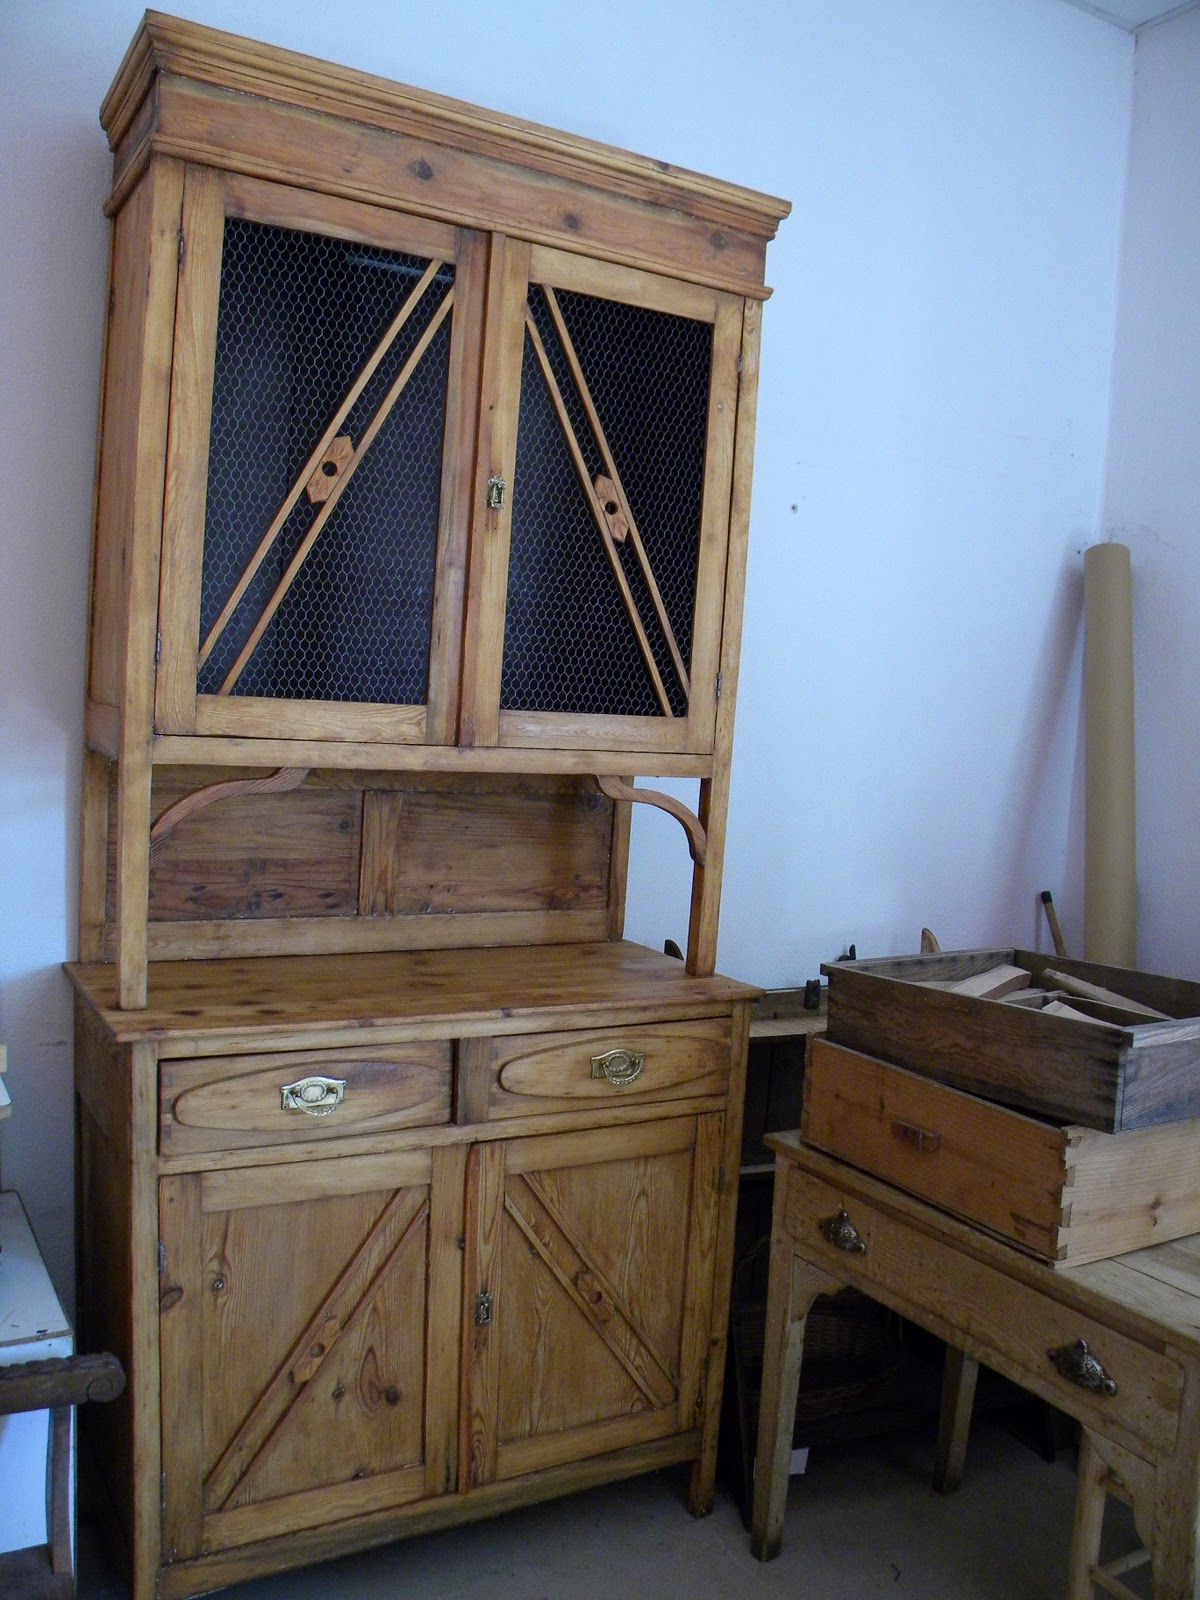 Restauracion Muebles : Apafam restauración de muebles